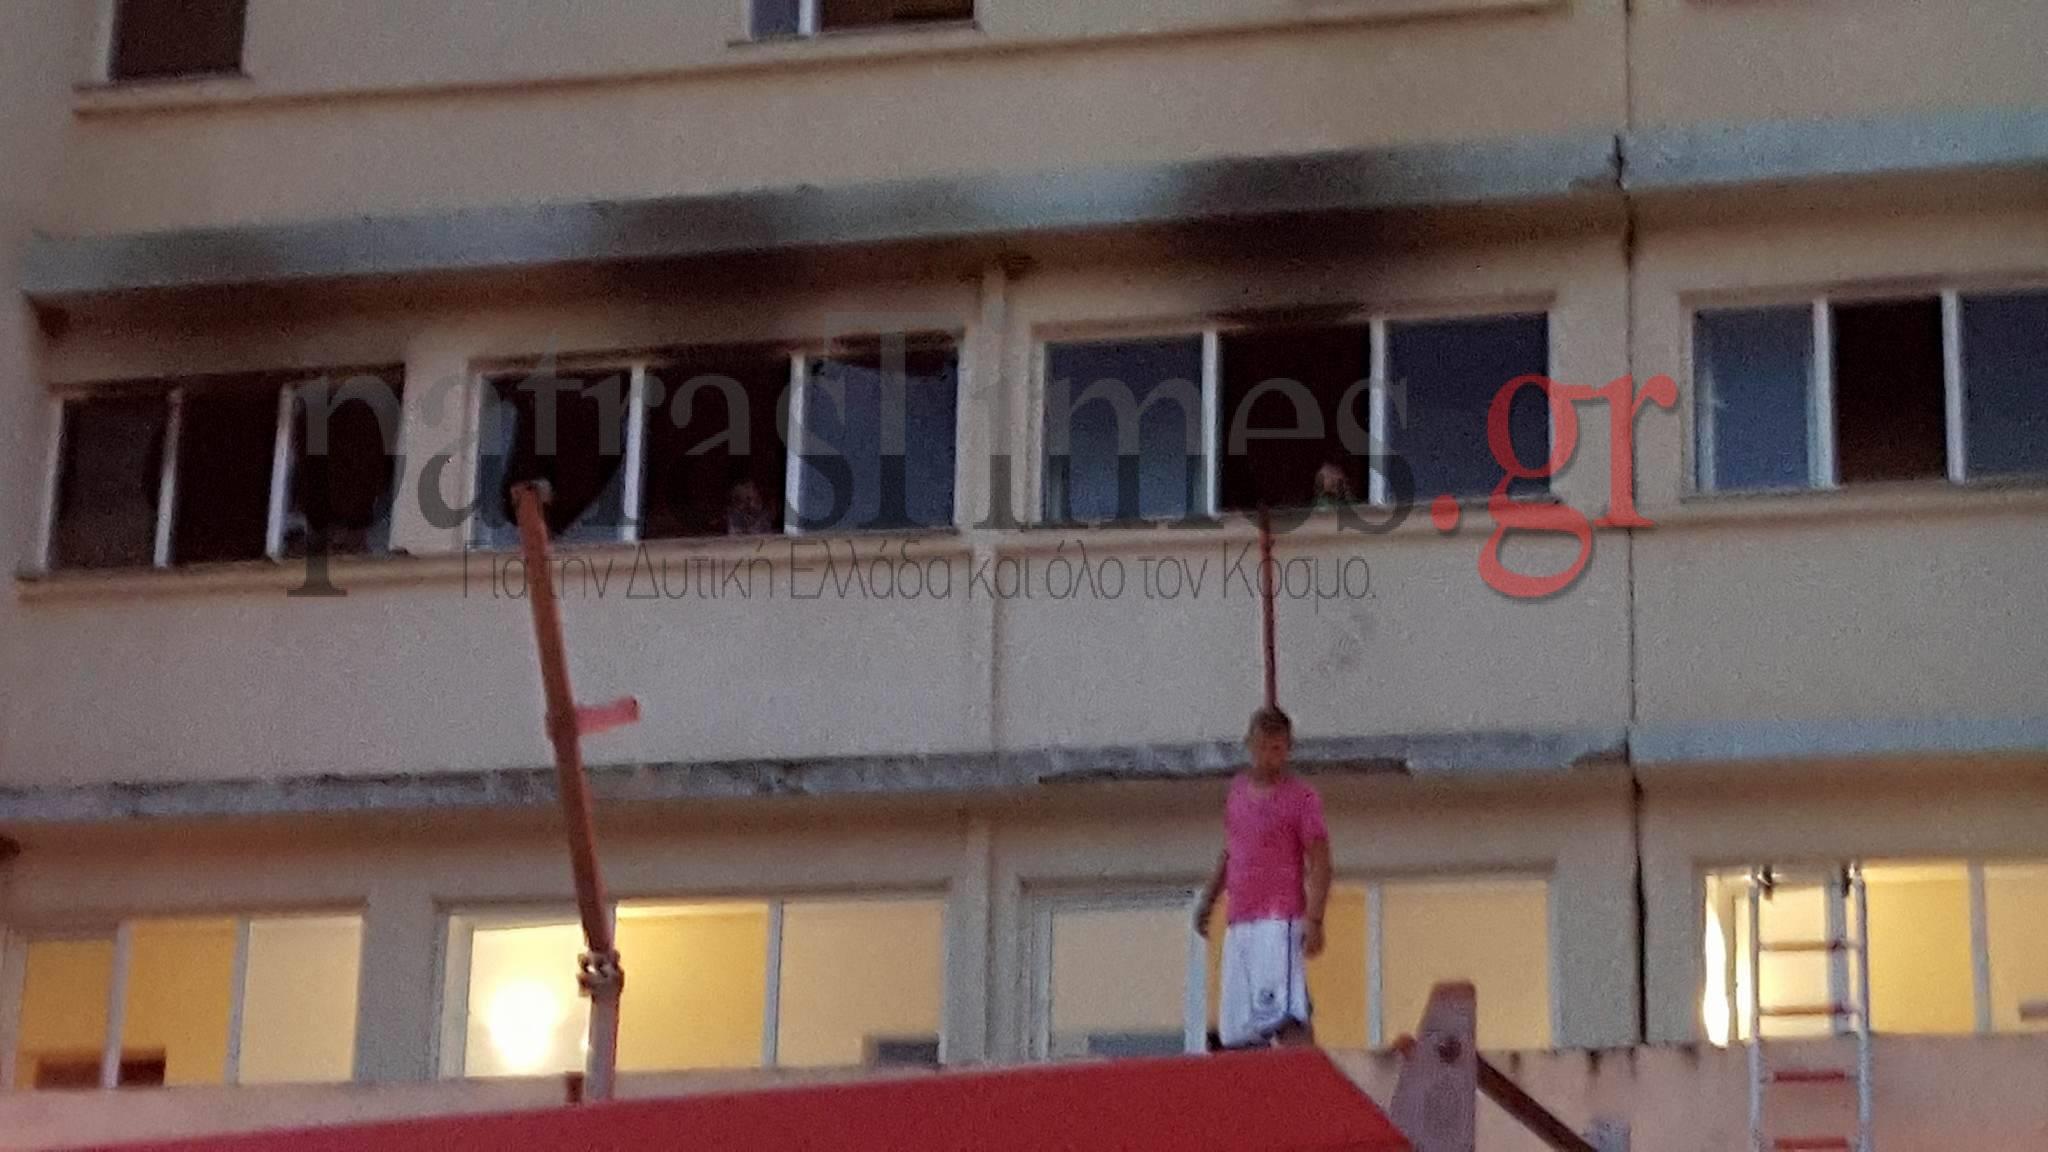 Φωτιά σε ξενοδοχείο στο Αίγιο. Πληροφορίες για τραυματίες και εγκλωβισμένους